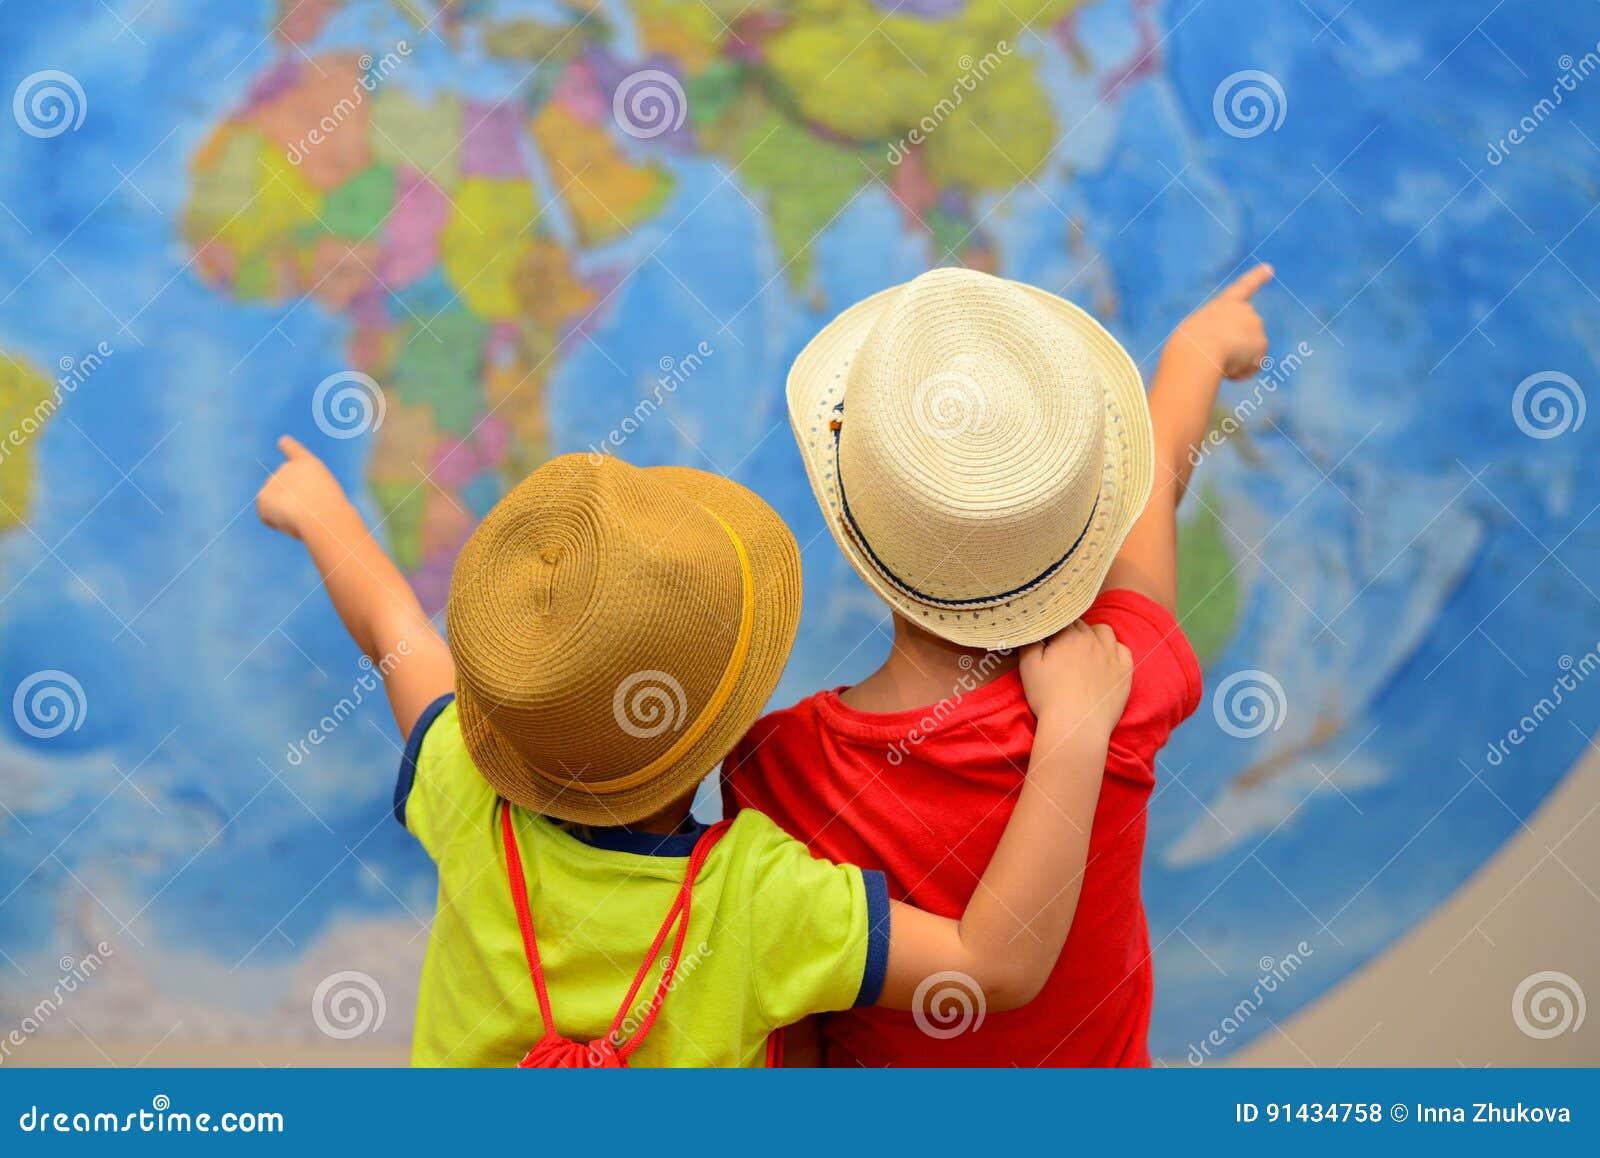 Conceito da aventura e do curso As crianças felizes estão sonhando sobre o curso, férias